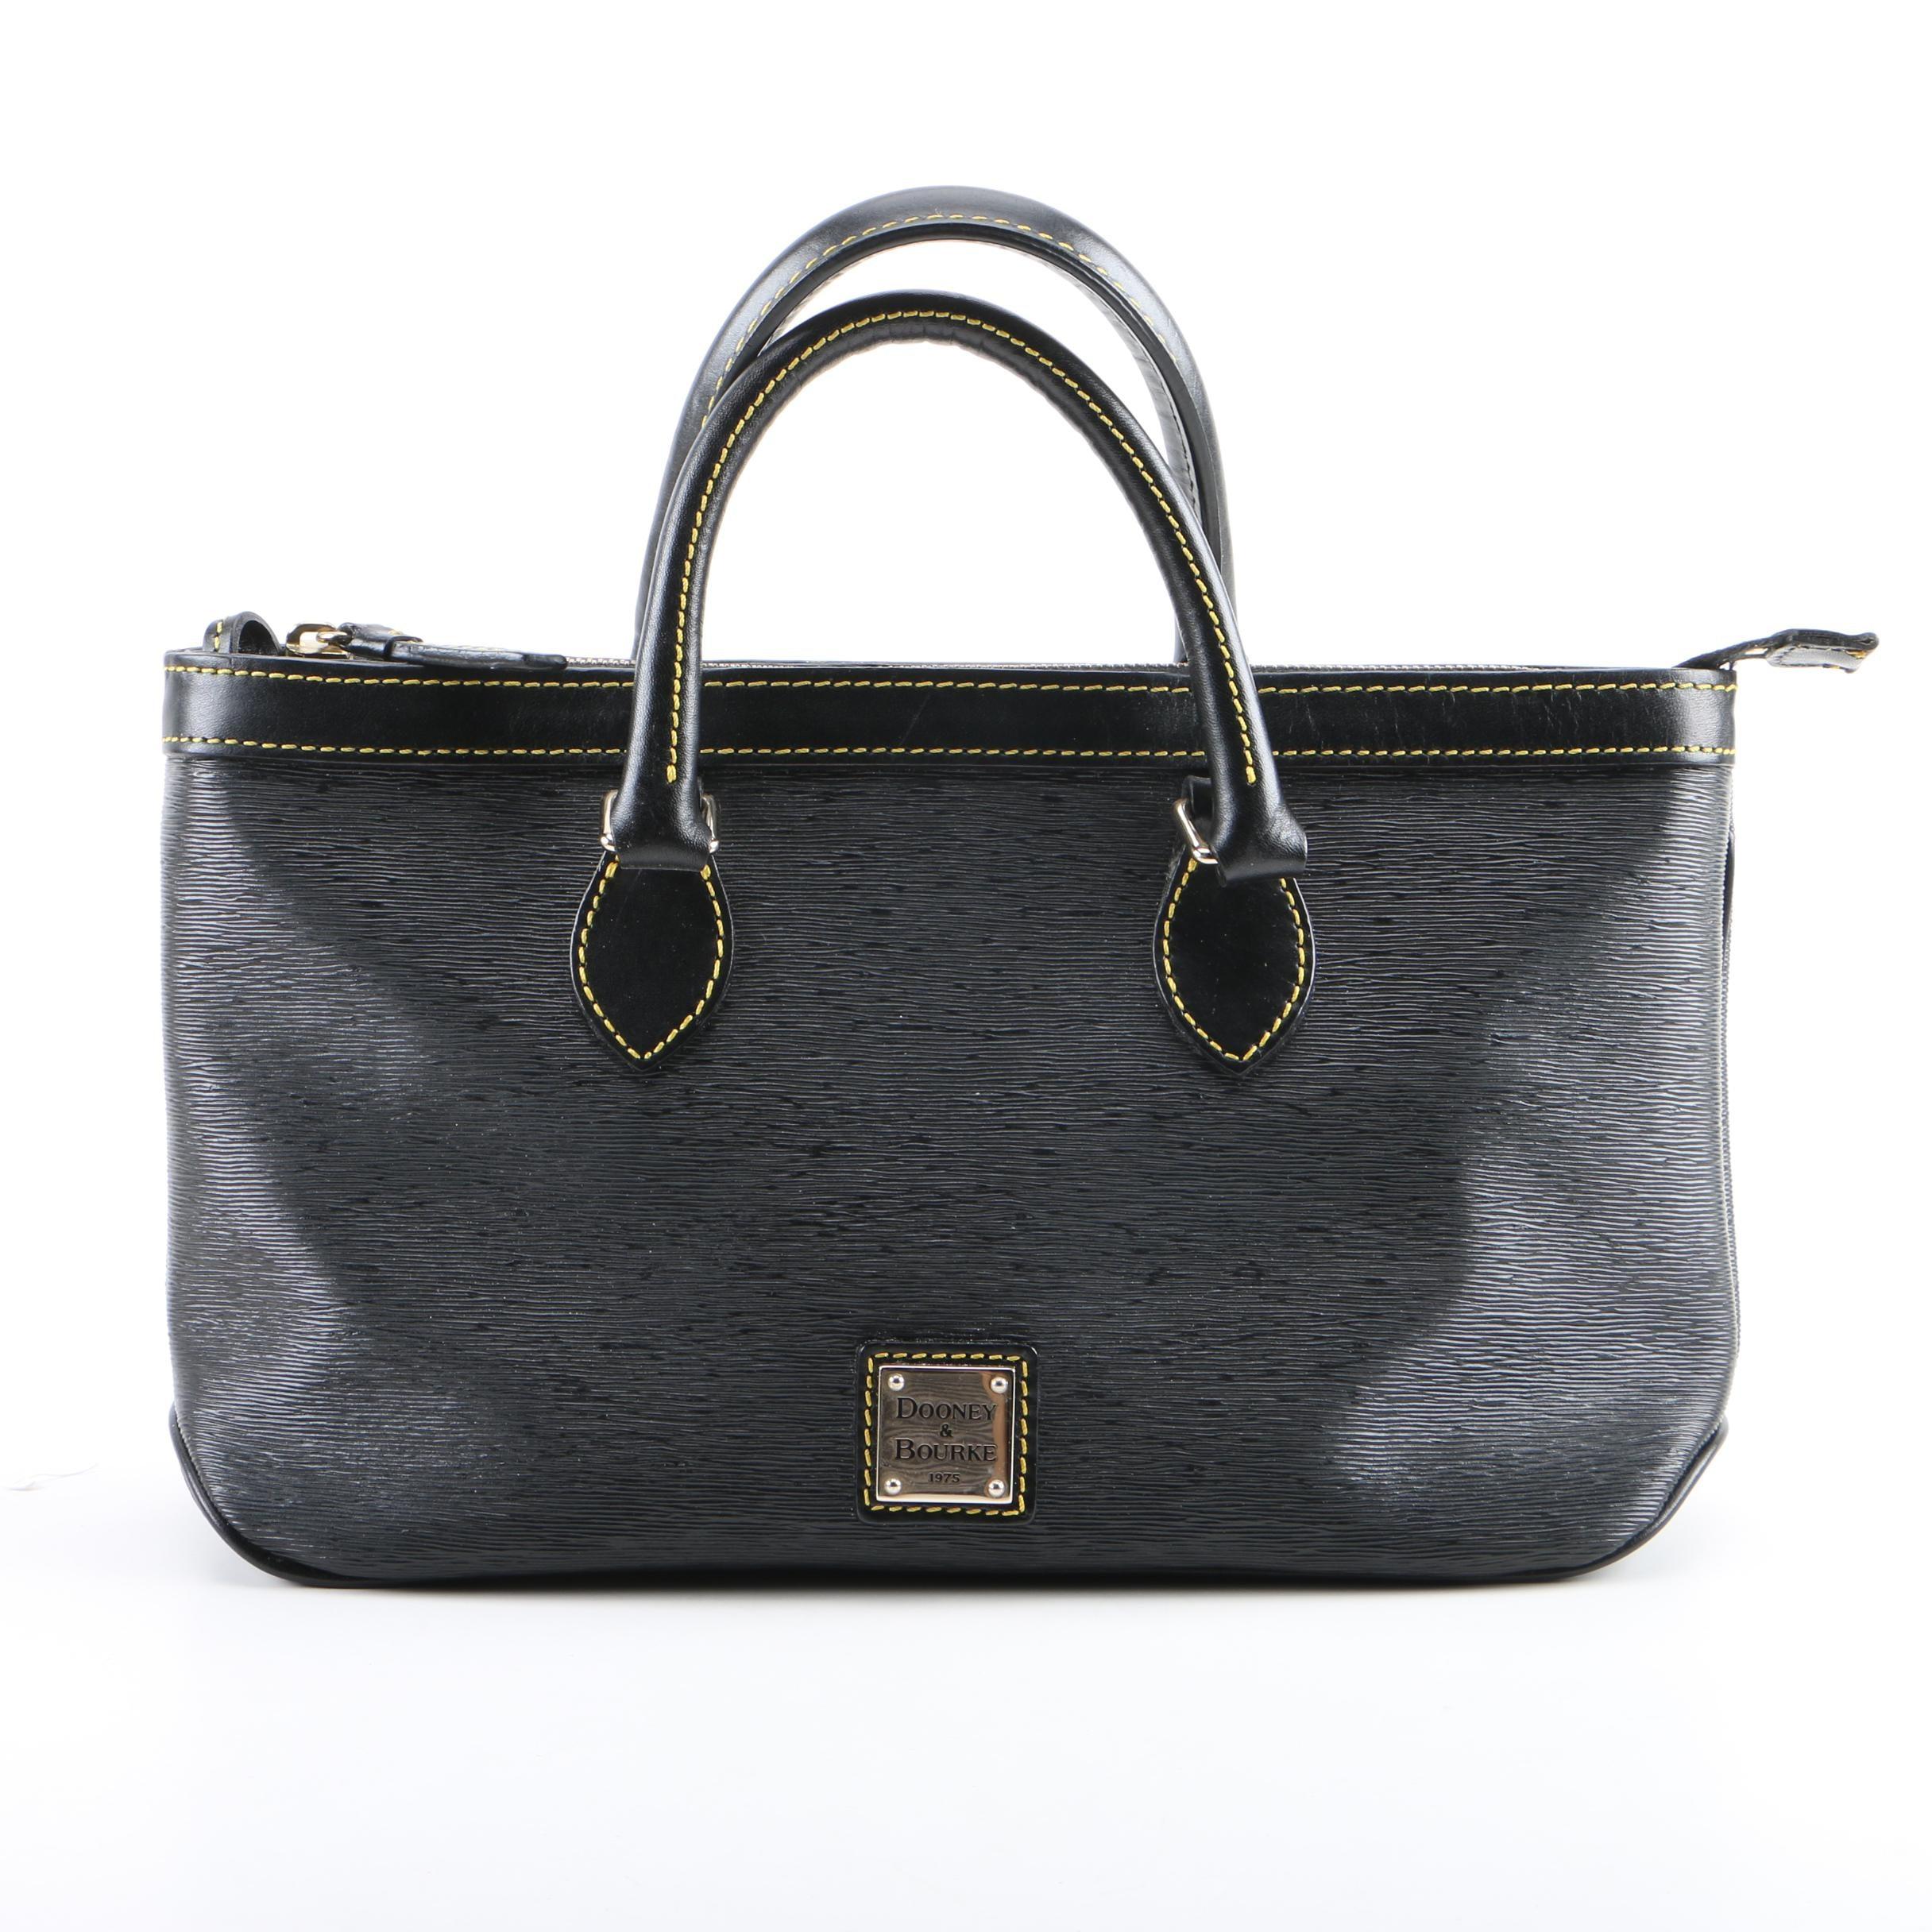 Dooney & Bourke Black Textured Leather Top Handle Satchel